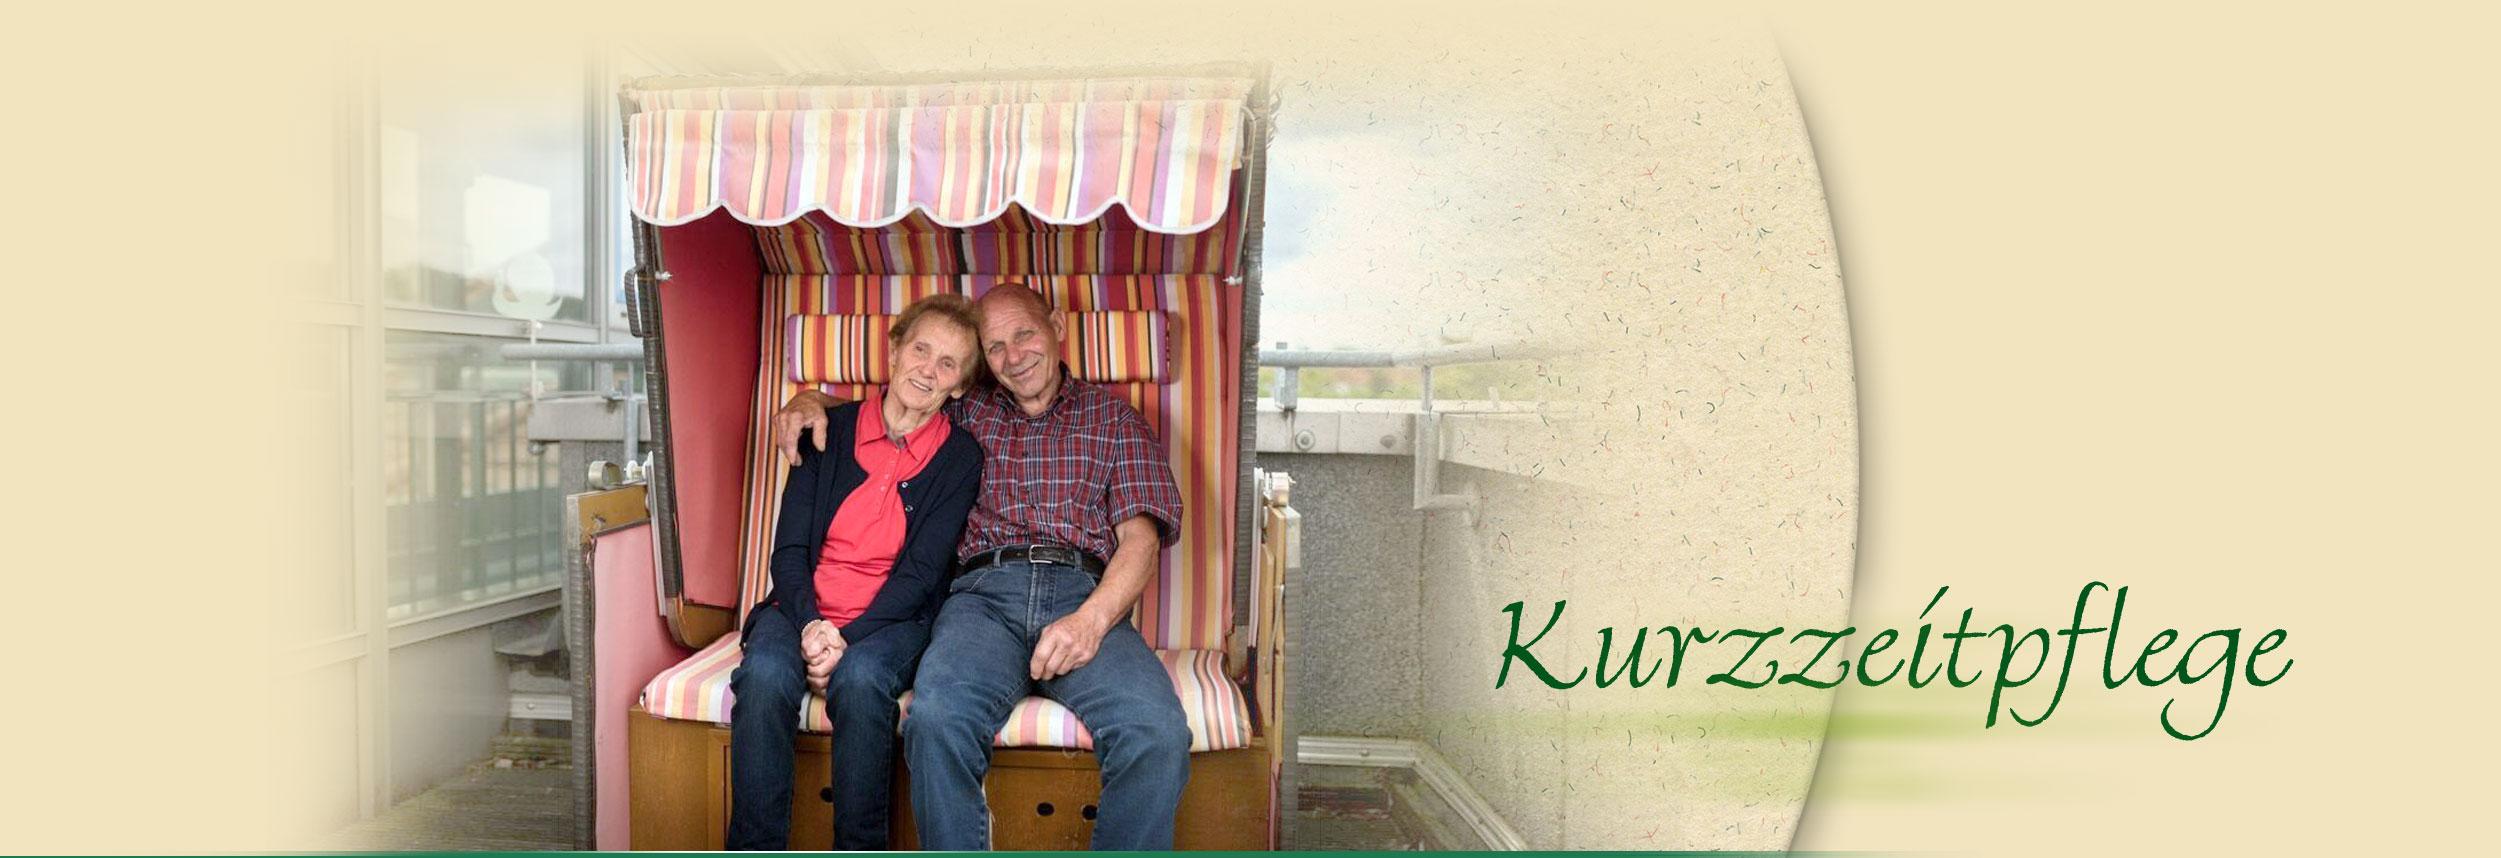 Kurzzeitpflege Seniorenheime Freiberg gGmbH